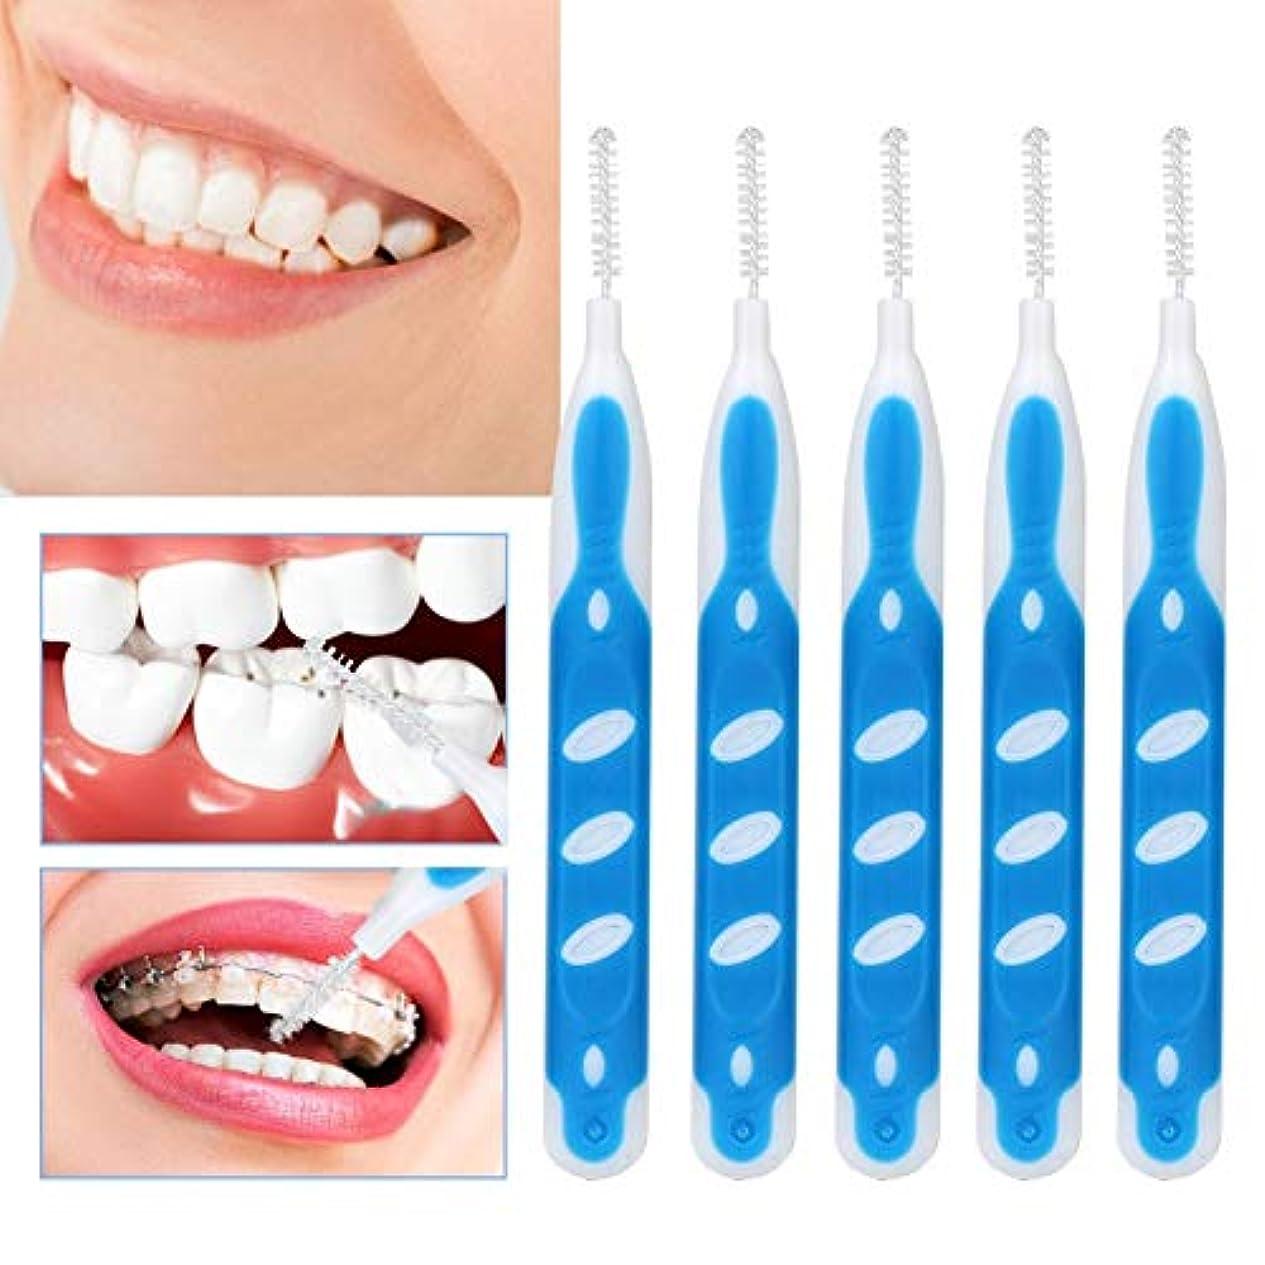 悪夢邪悪な賢い歯間ブラシ、5pcs歯のケアディープクリーニング歯間ブラシ柔らかい髪の歯の汚れの残留物除去ツール